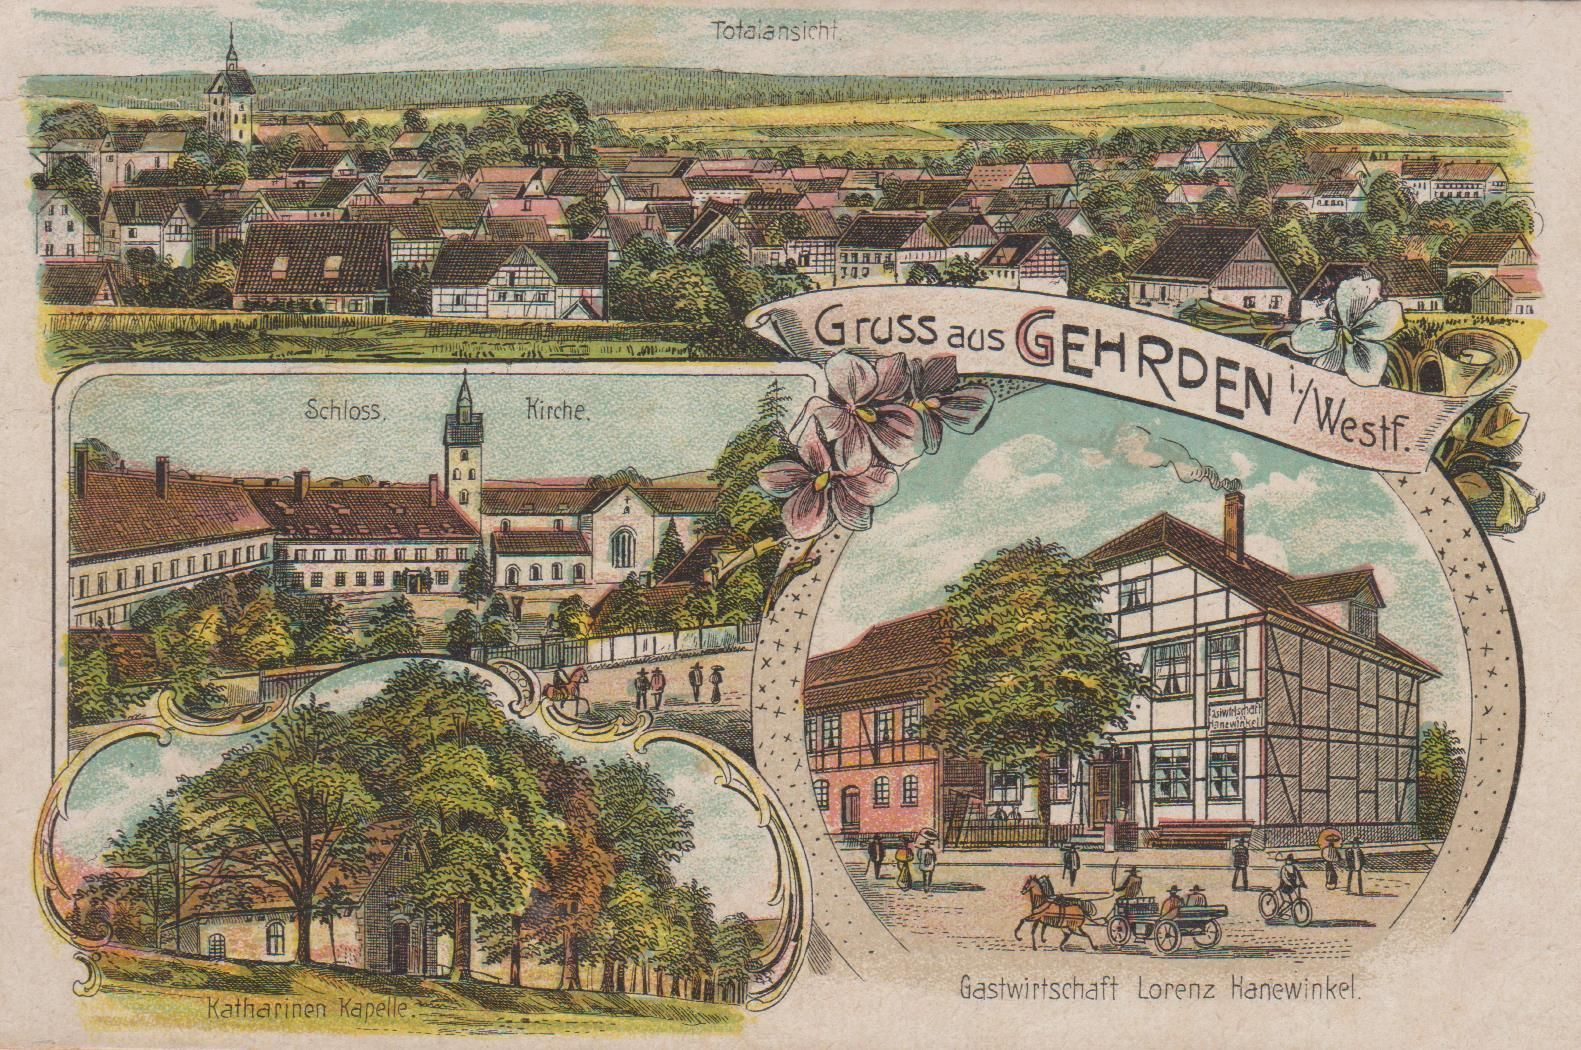 Geschichte von Gehrden | Brakel-Gehrden